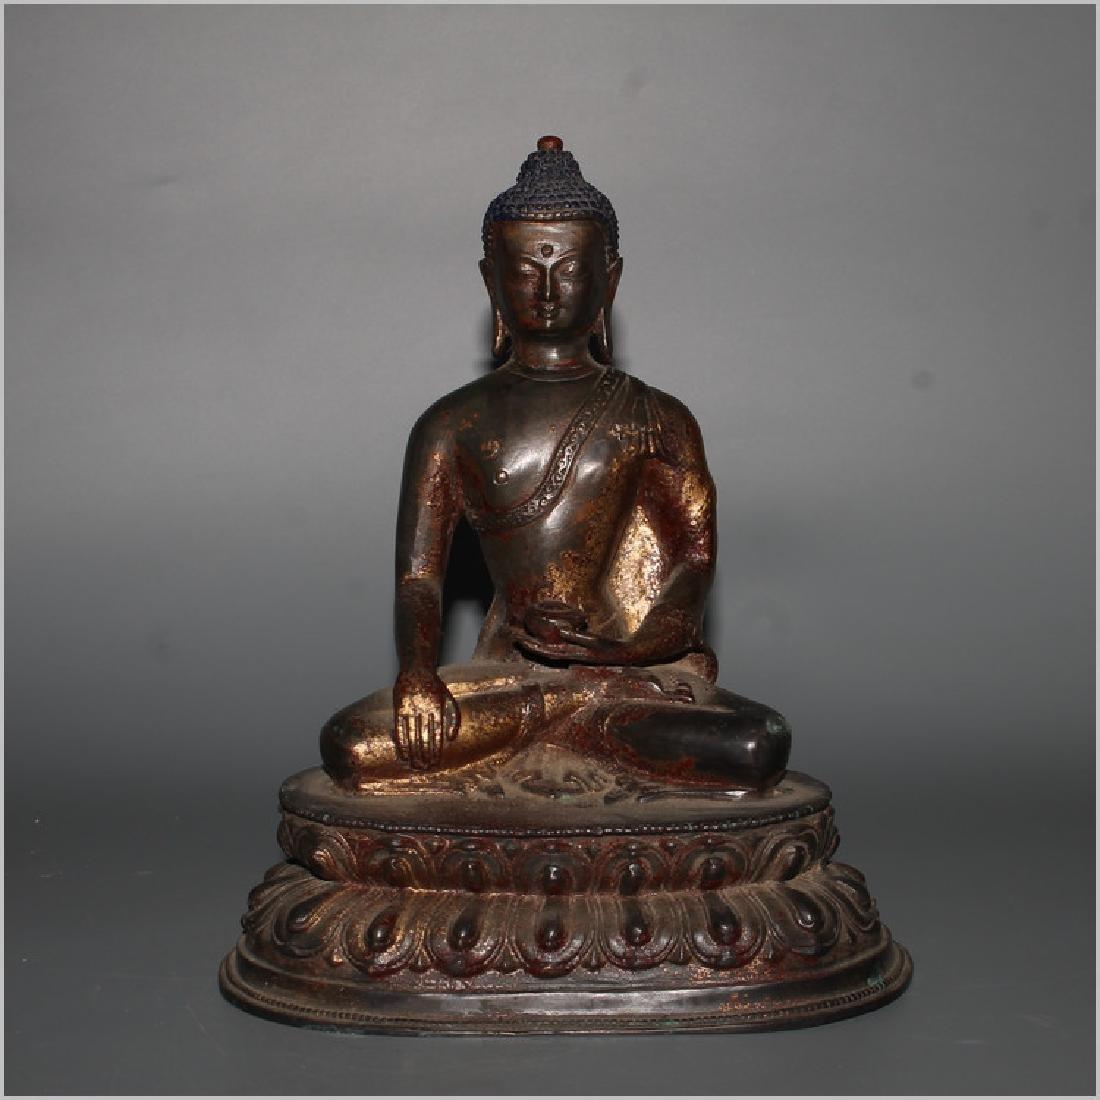 AN ANTIQUE TIBETAN GILT BRONZE BUDDHA STATUE